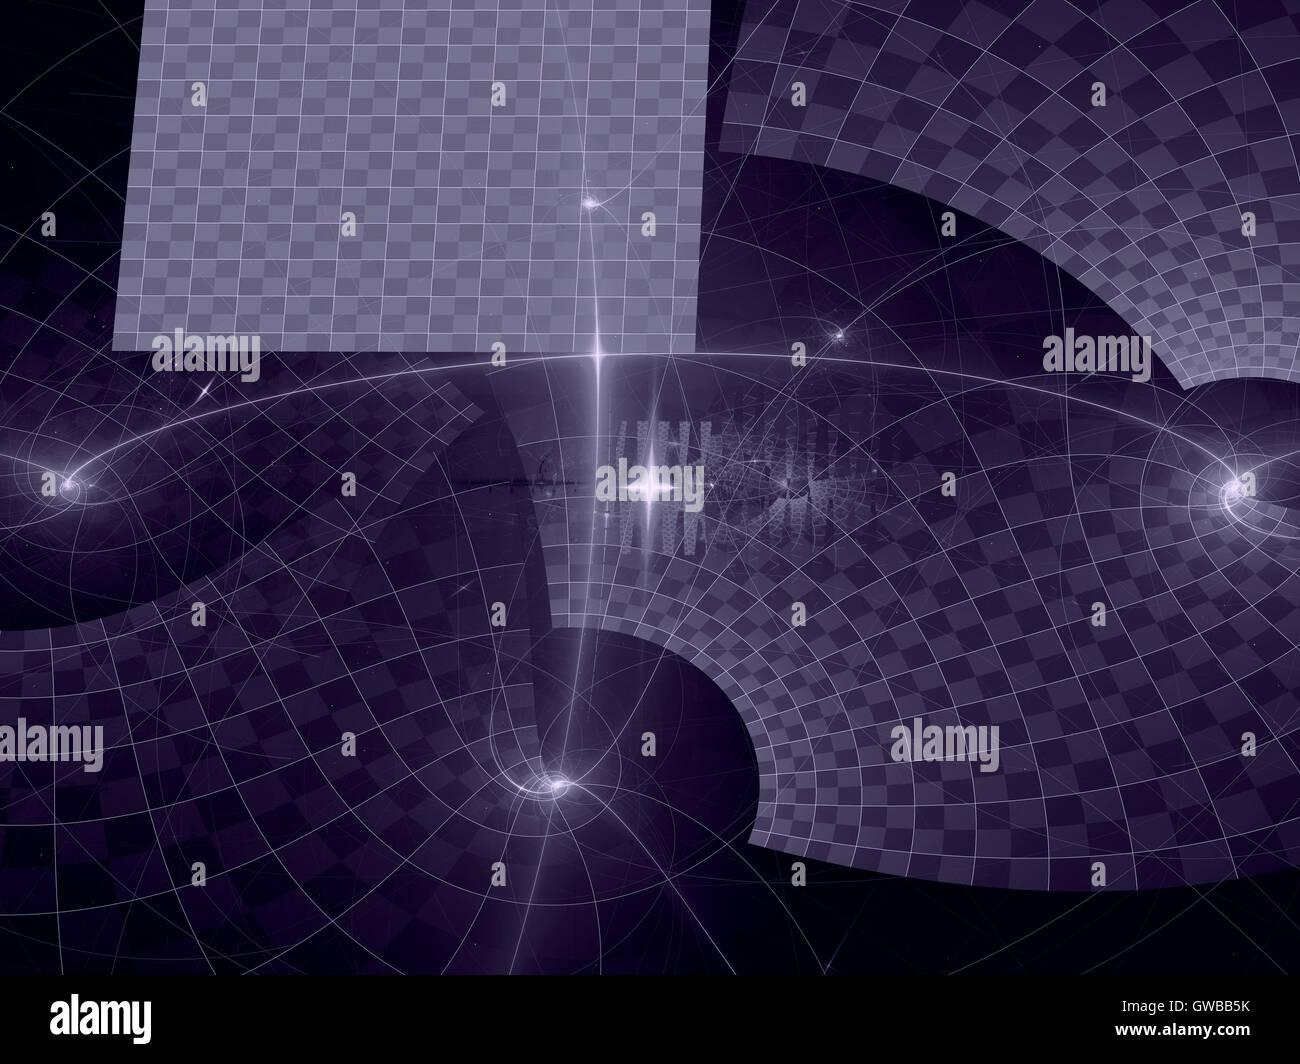 Abstrakt lila computergenerierten Hintergrund Stockbild